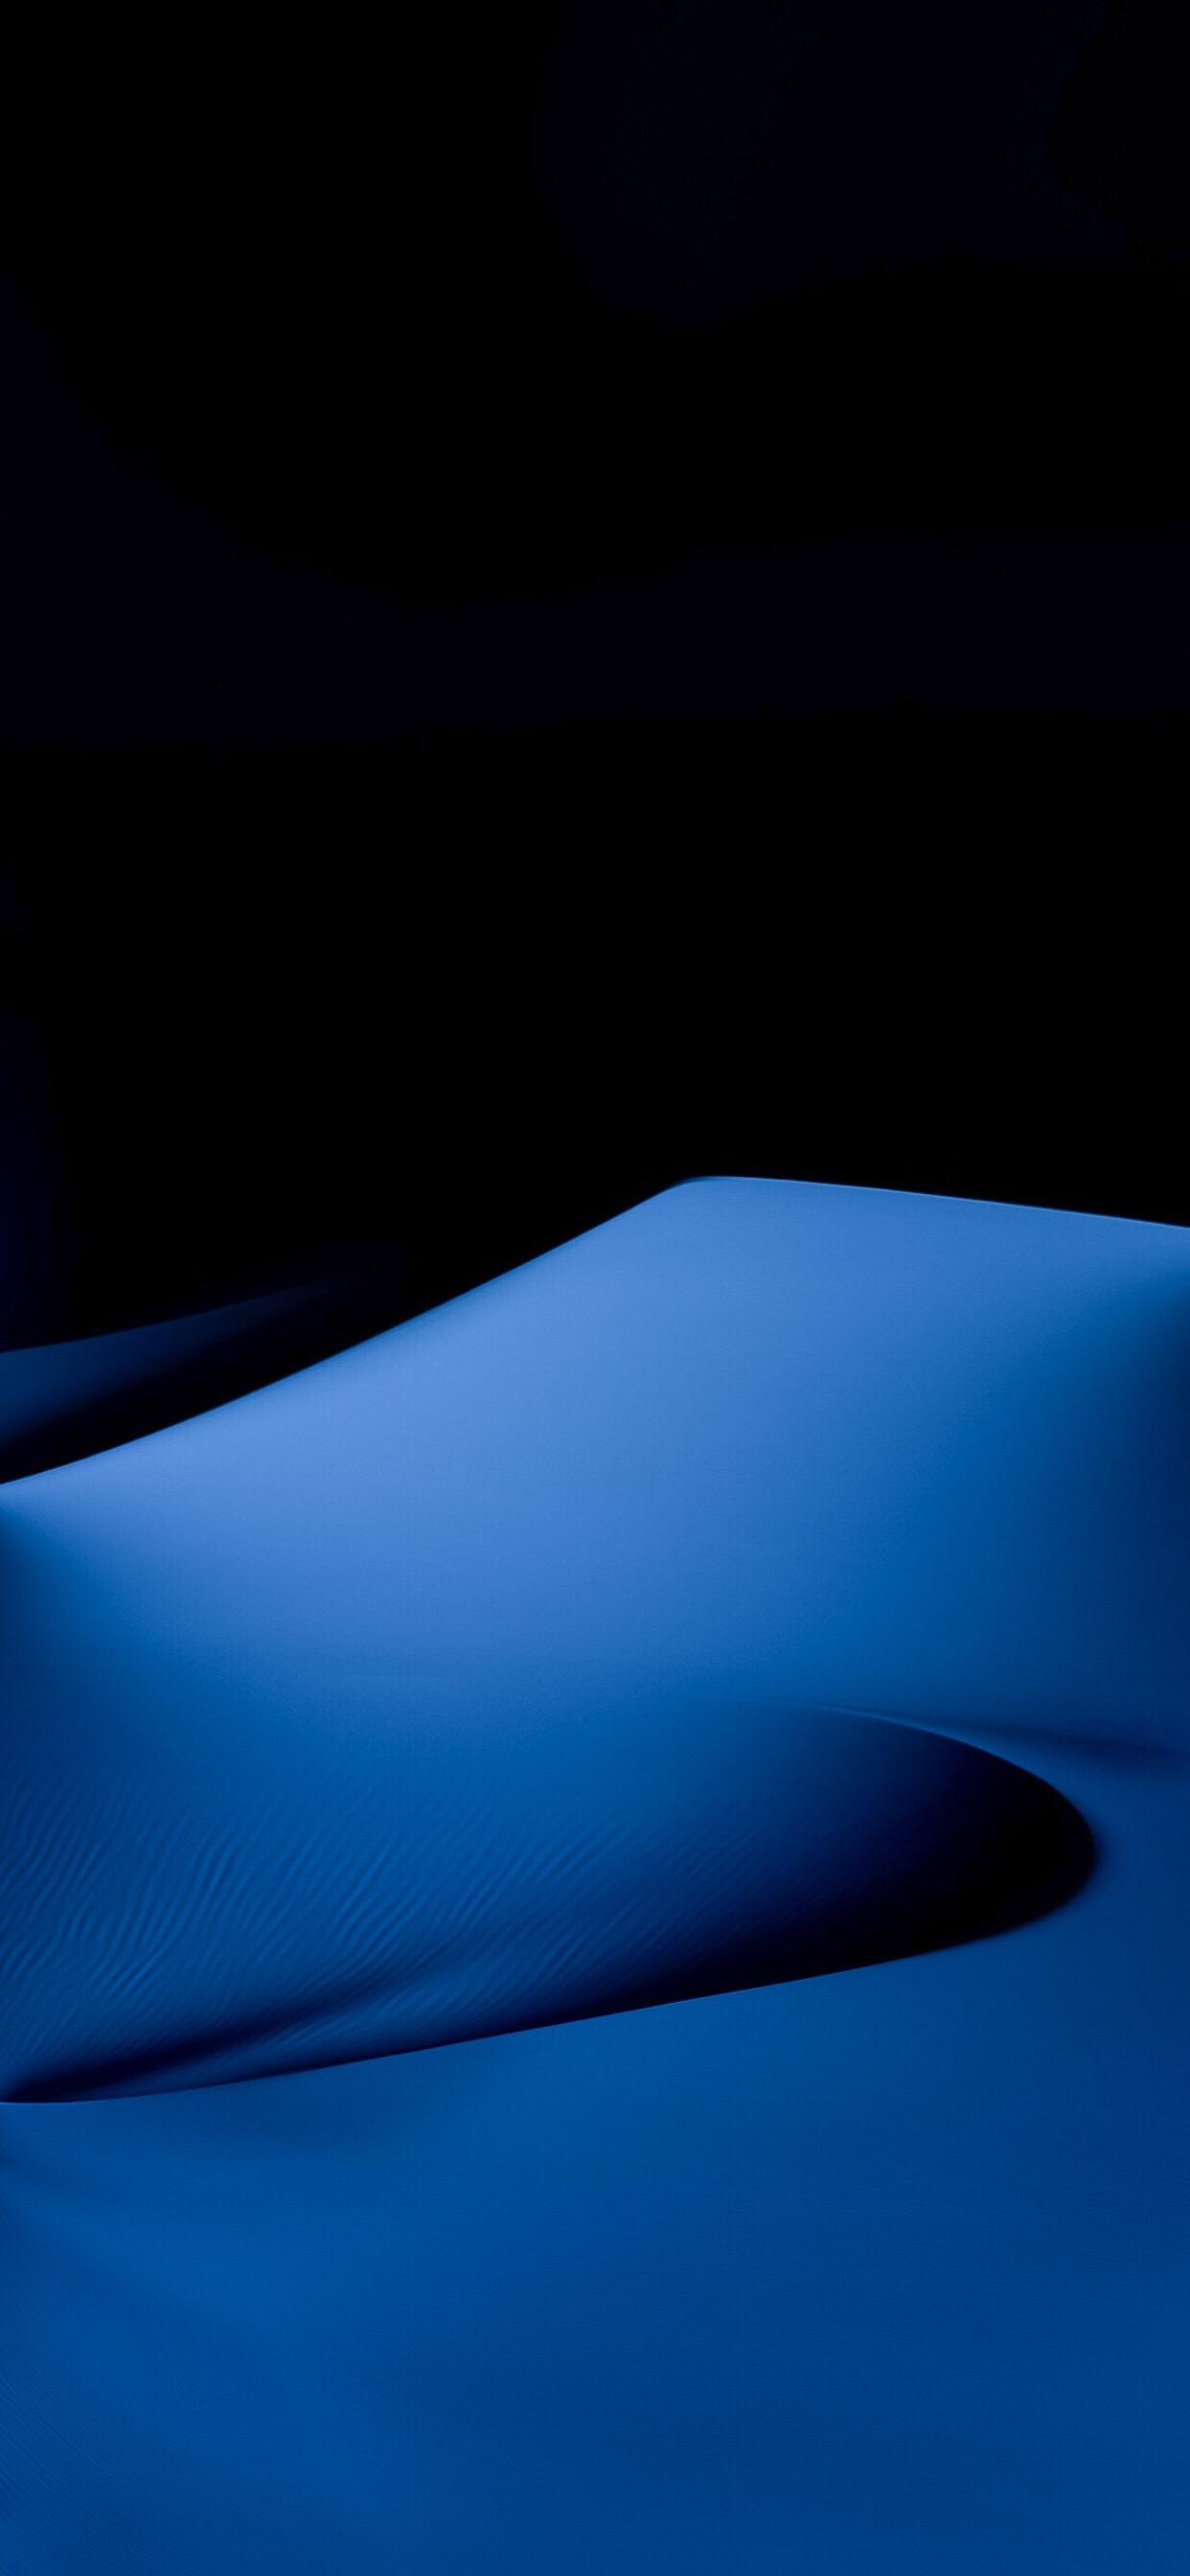 iPhone wallpapers mojave colors blue Fonds d'écran iPhone du 30/01/2019